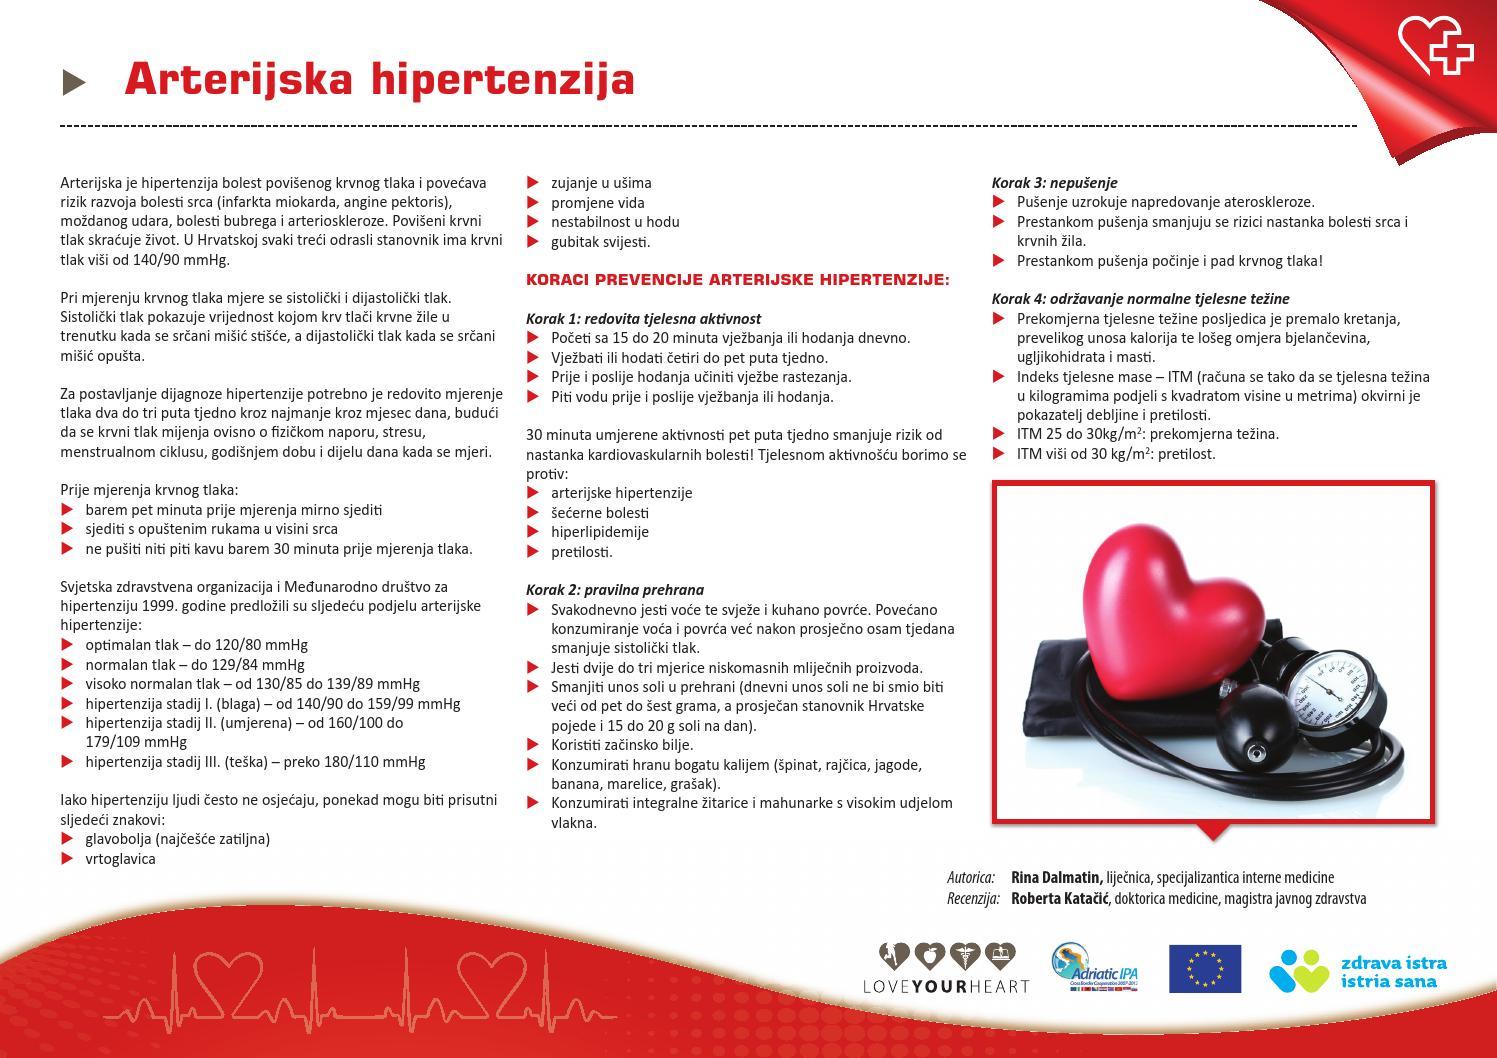 diuretici lijekovi za hipertenziju detaljan popis hipertenzija tretirana odmah